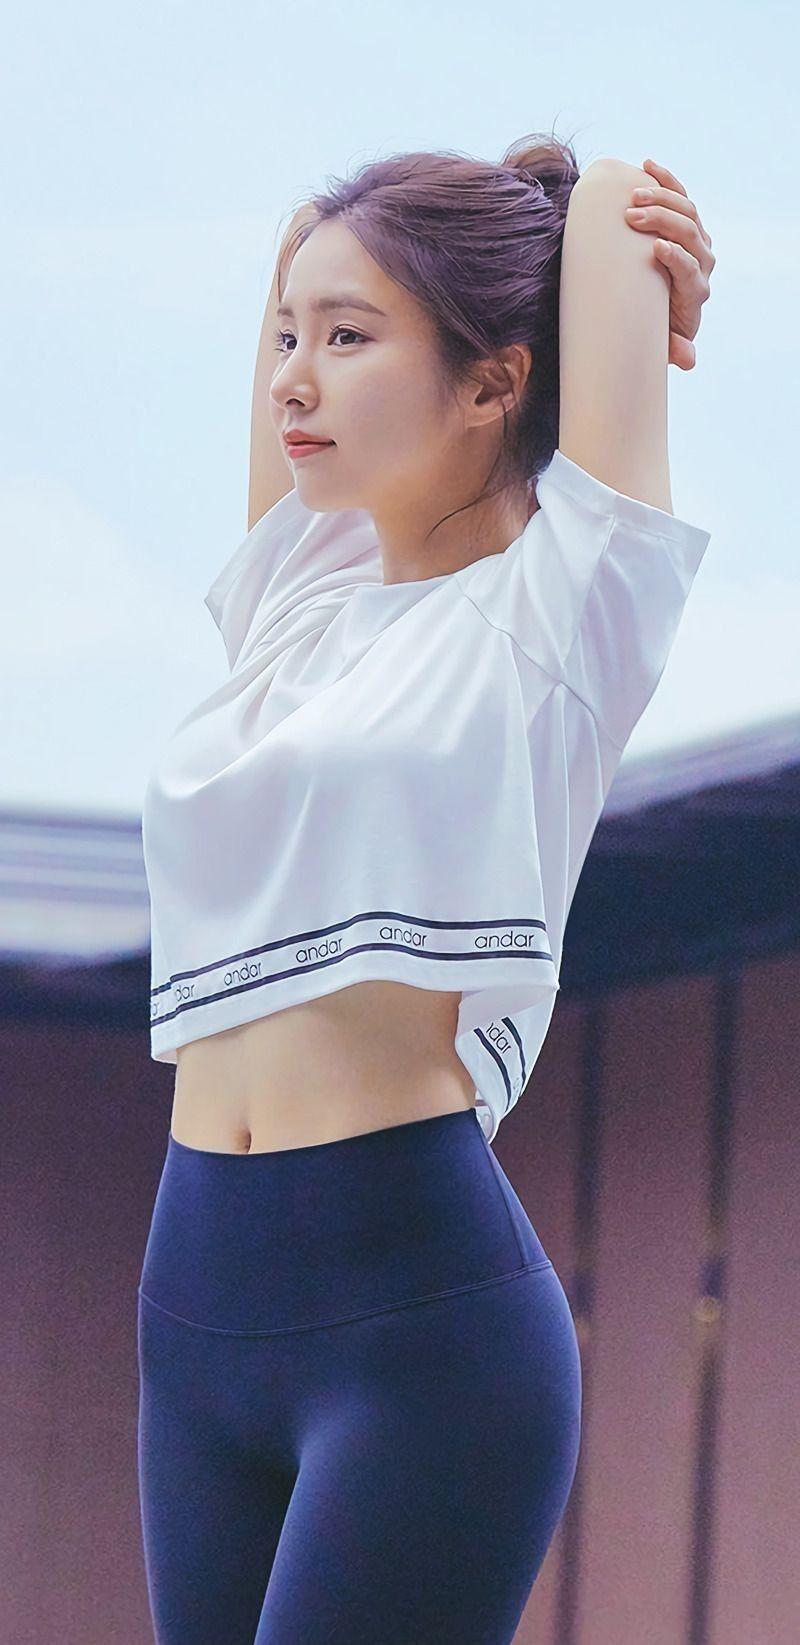 Kyung shin hot se Looking So